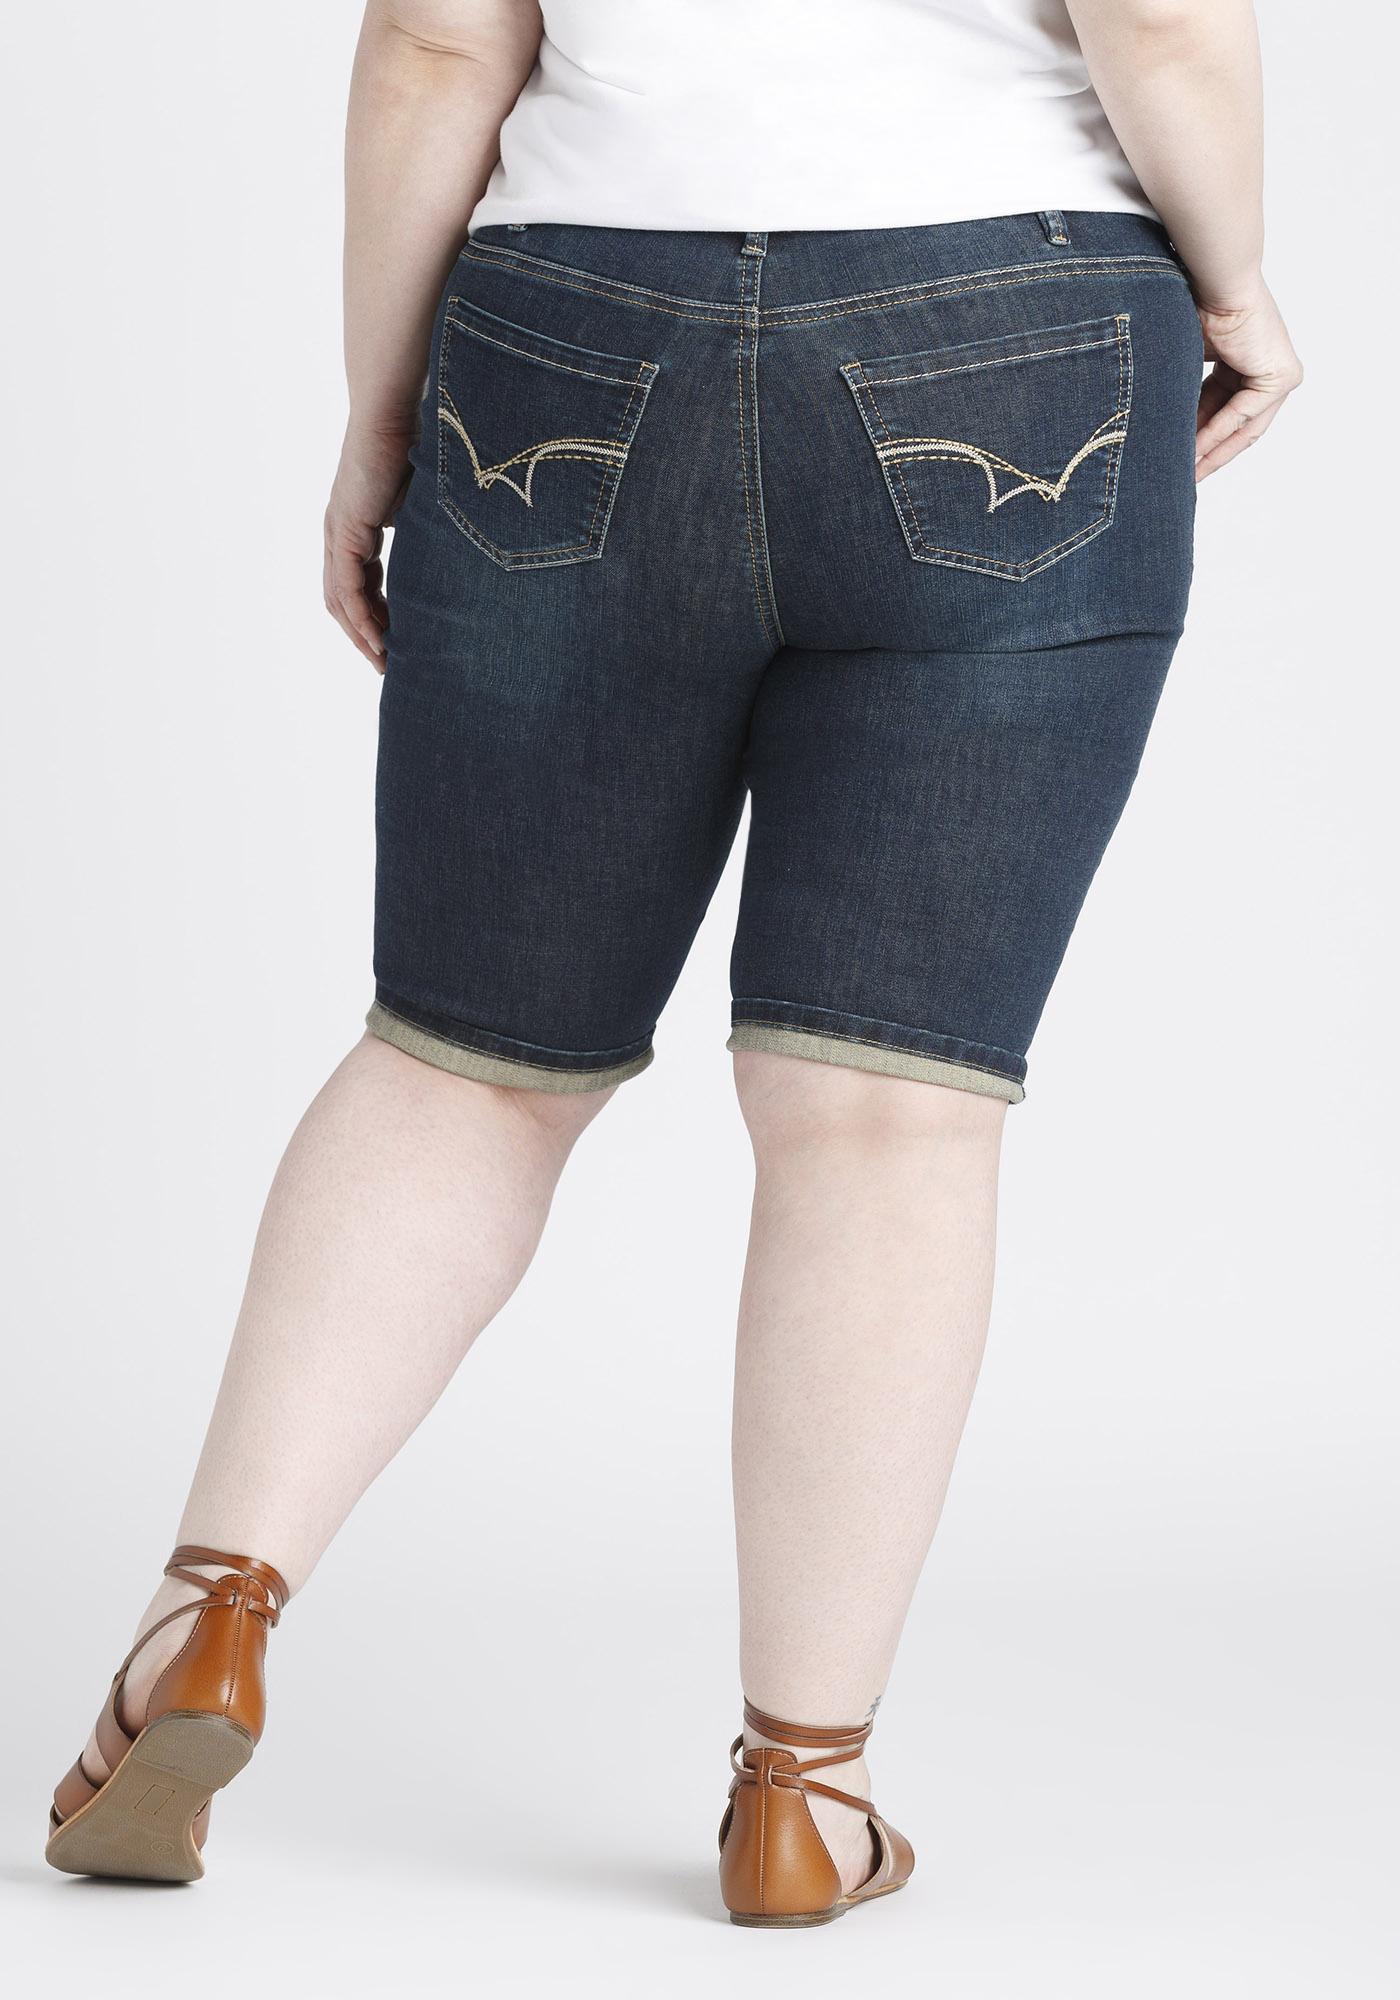 88f74bf2284 ... Womens Plus Size Slim Bermuda Short